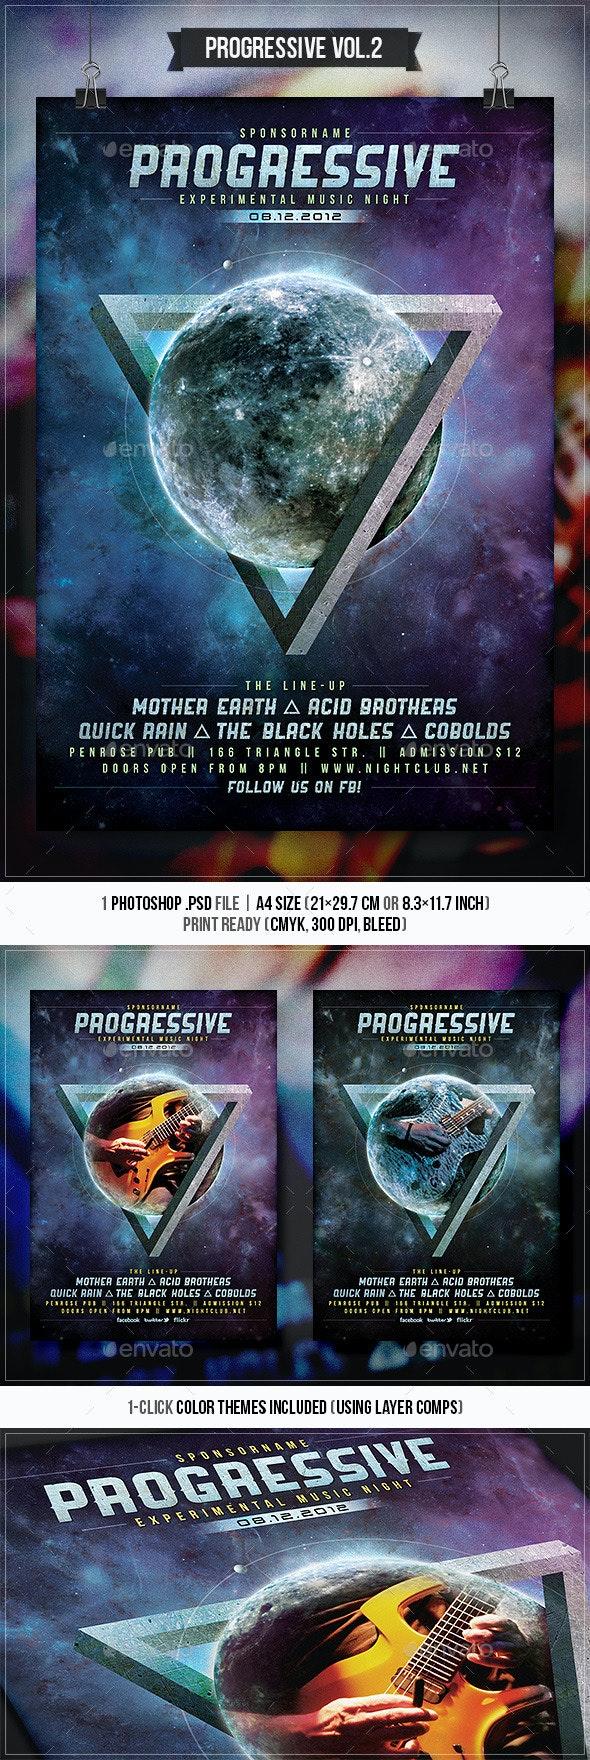 Progressive Rock Vol.2 - Flyer & Poster - Concerts Events